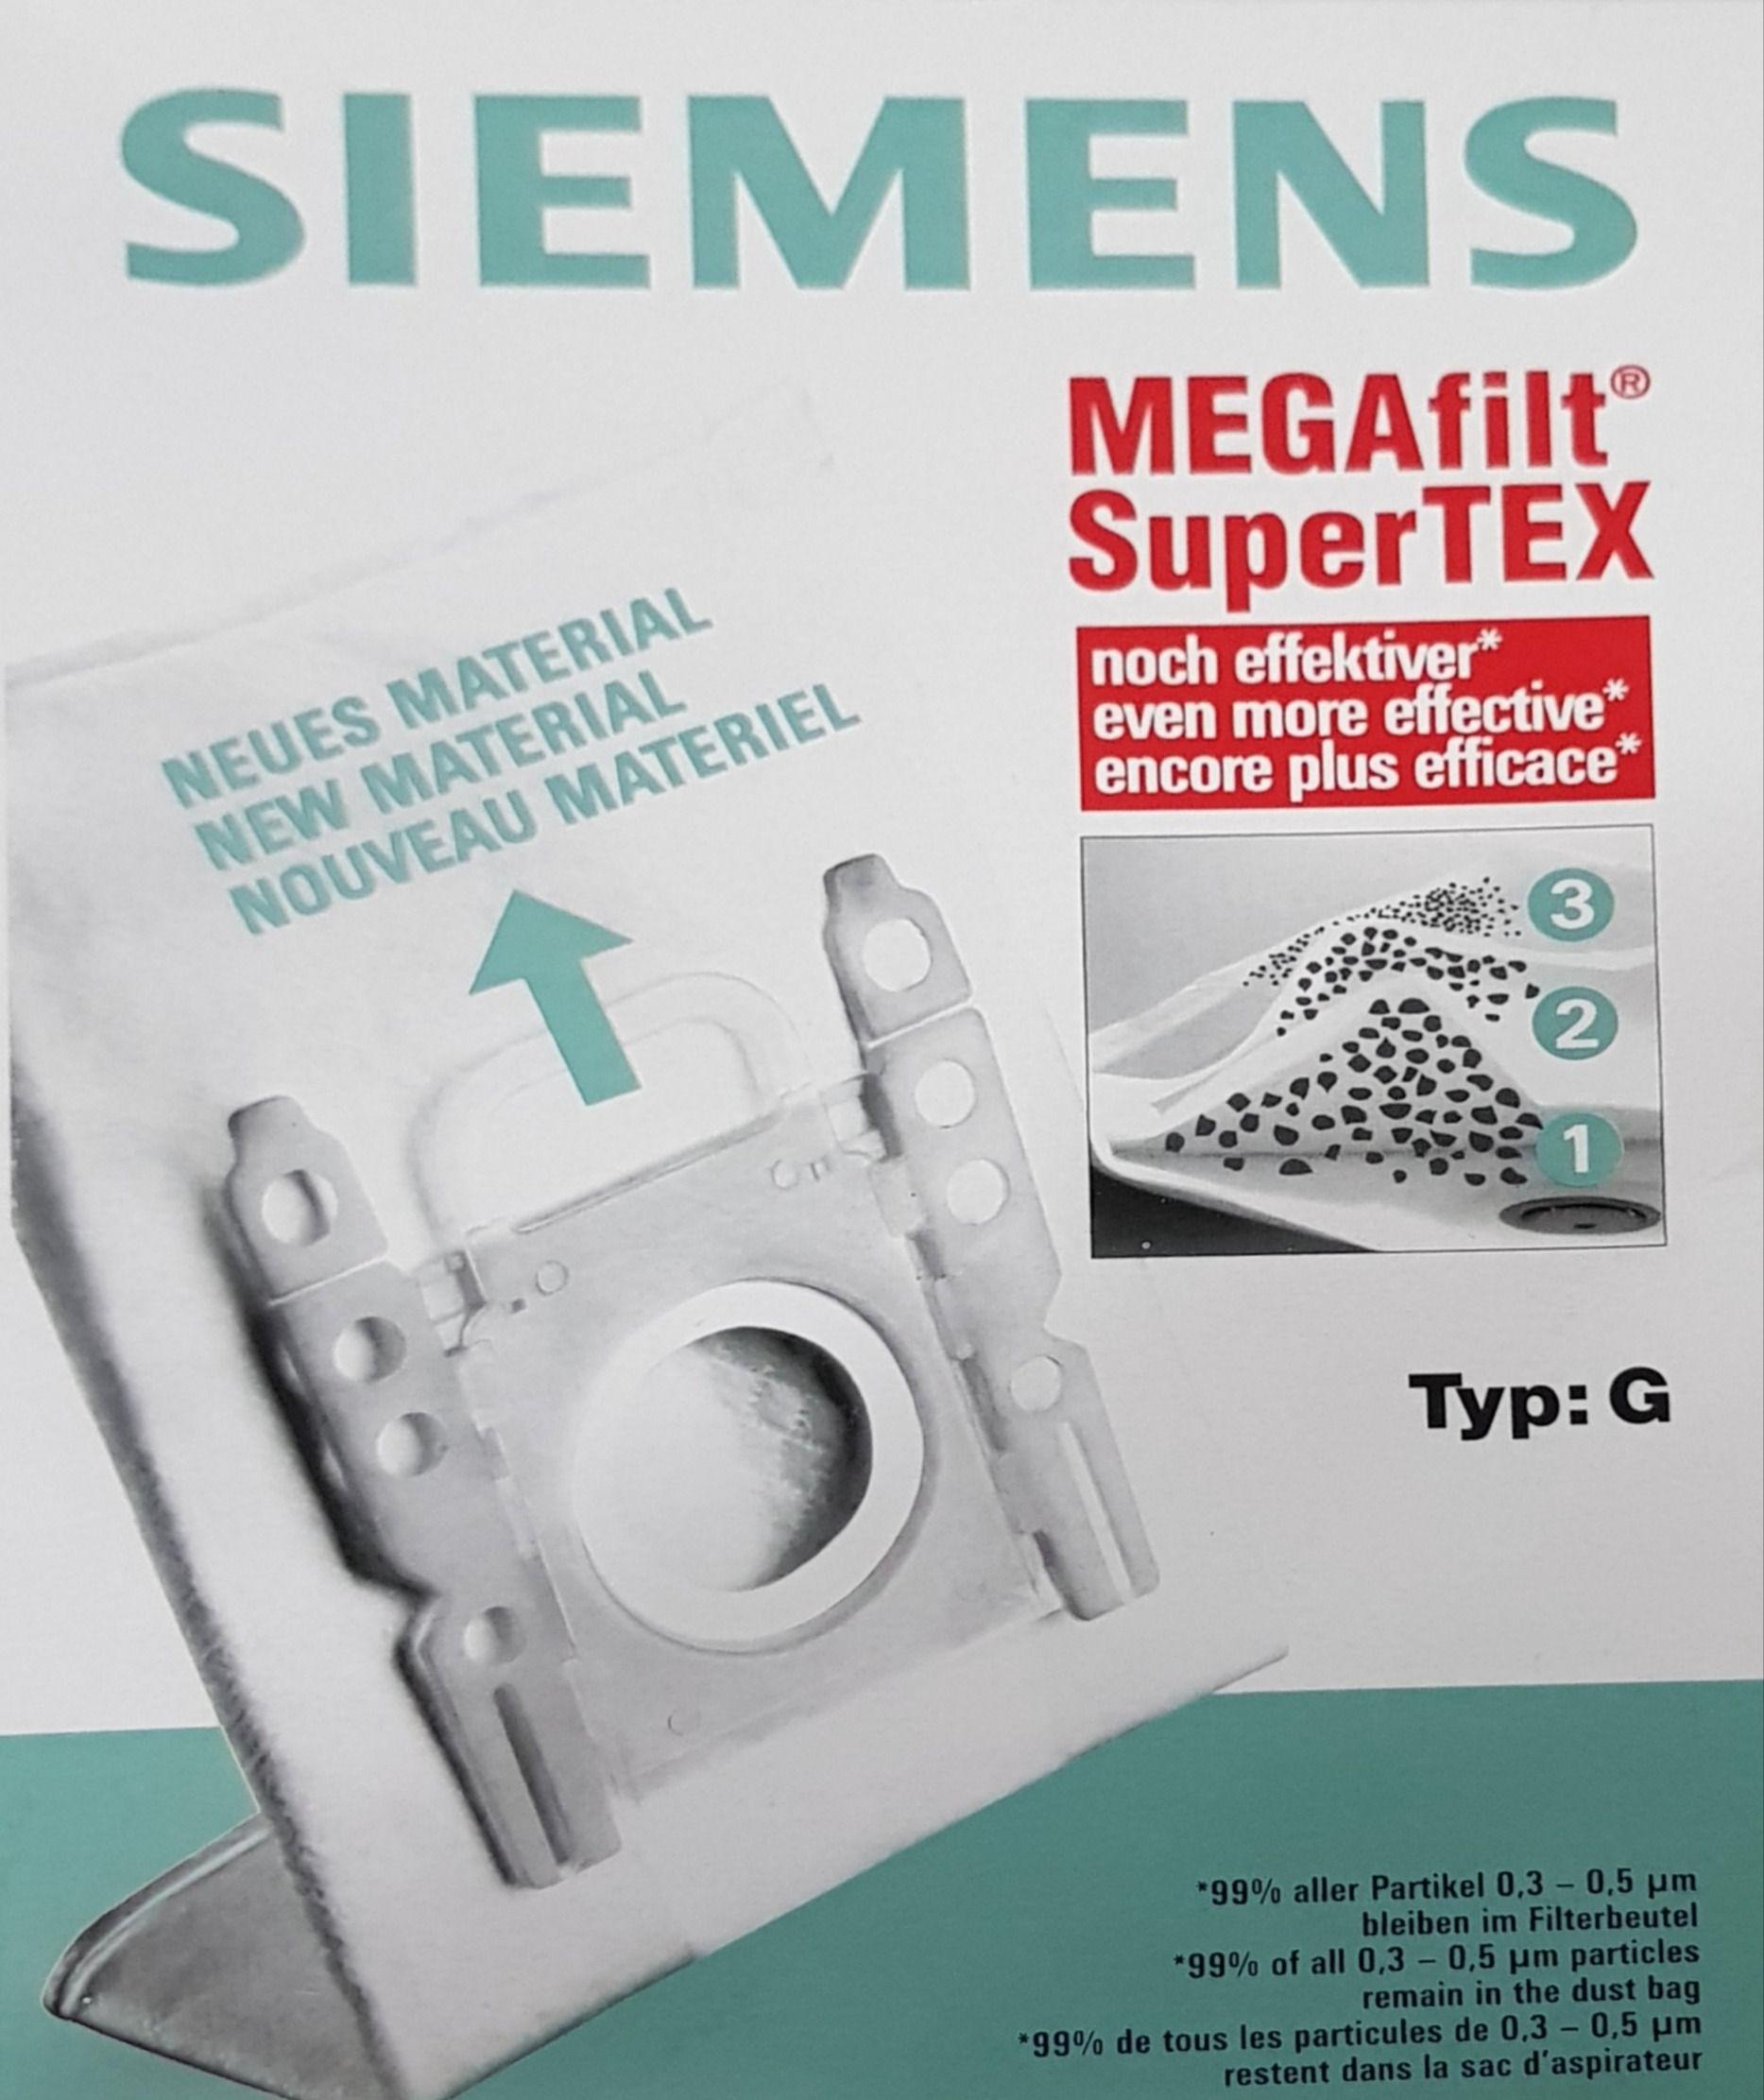 پاکت جاروبرقی Megafilt Super Tex تایپ G درجه یک ۵ تایی